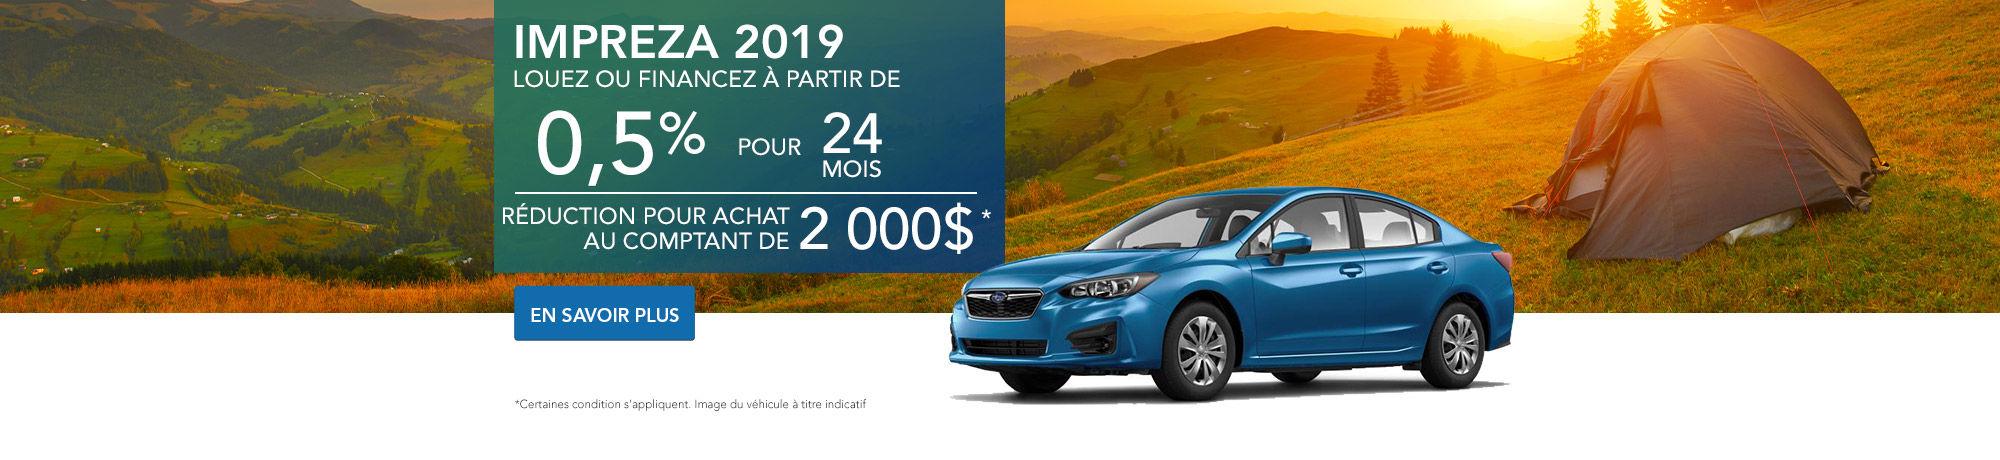 Procurez-vous la Impreza 4 portes 2019!